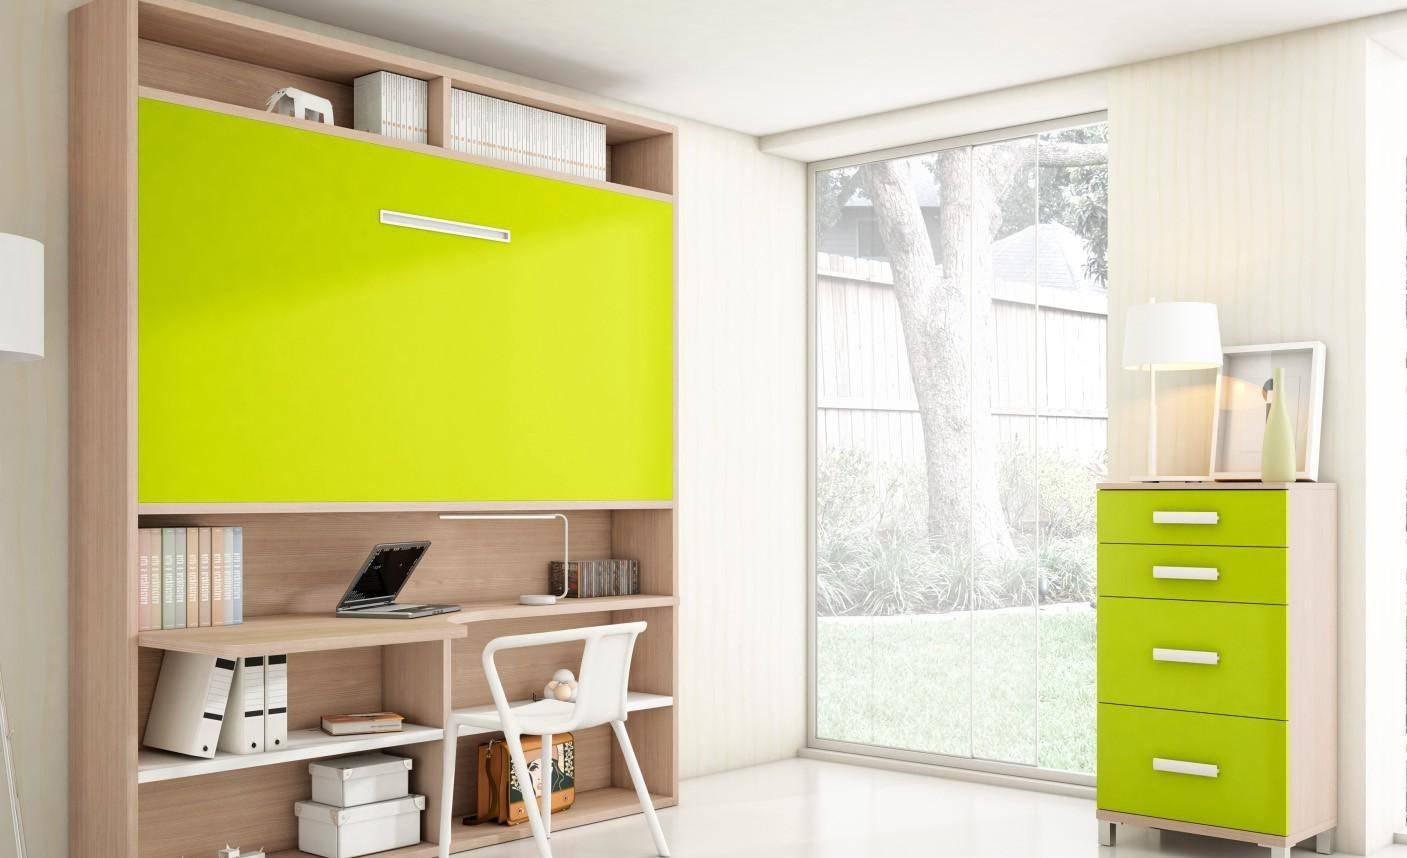 Мебель трансформер, критерии качества, основные преимущества и недостатки